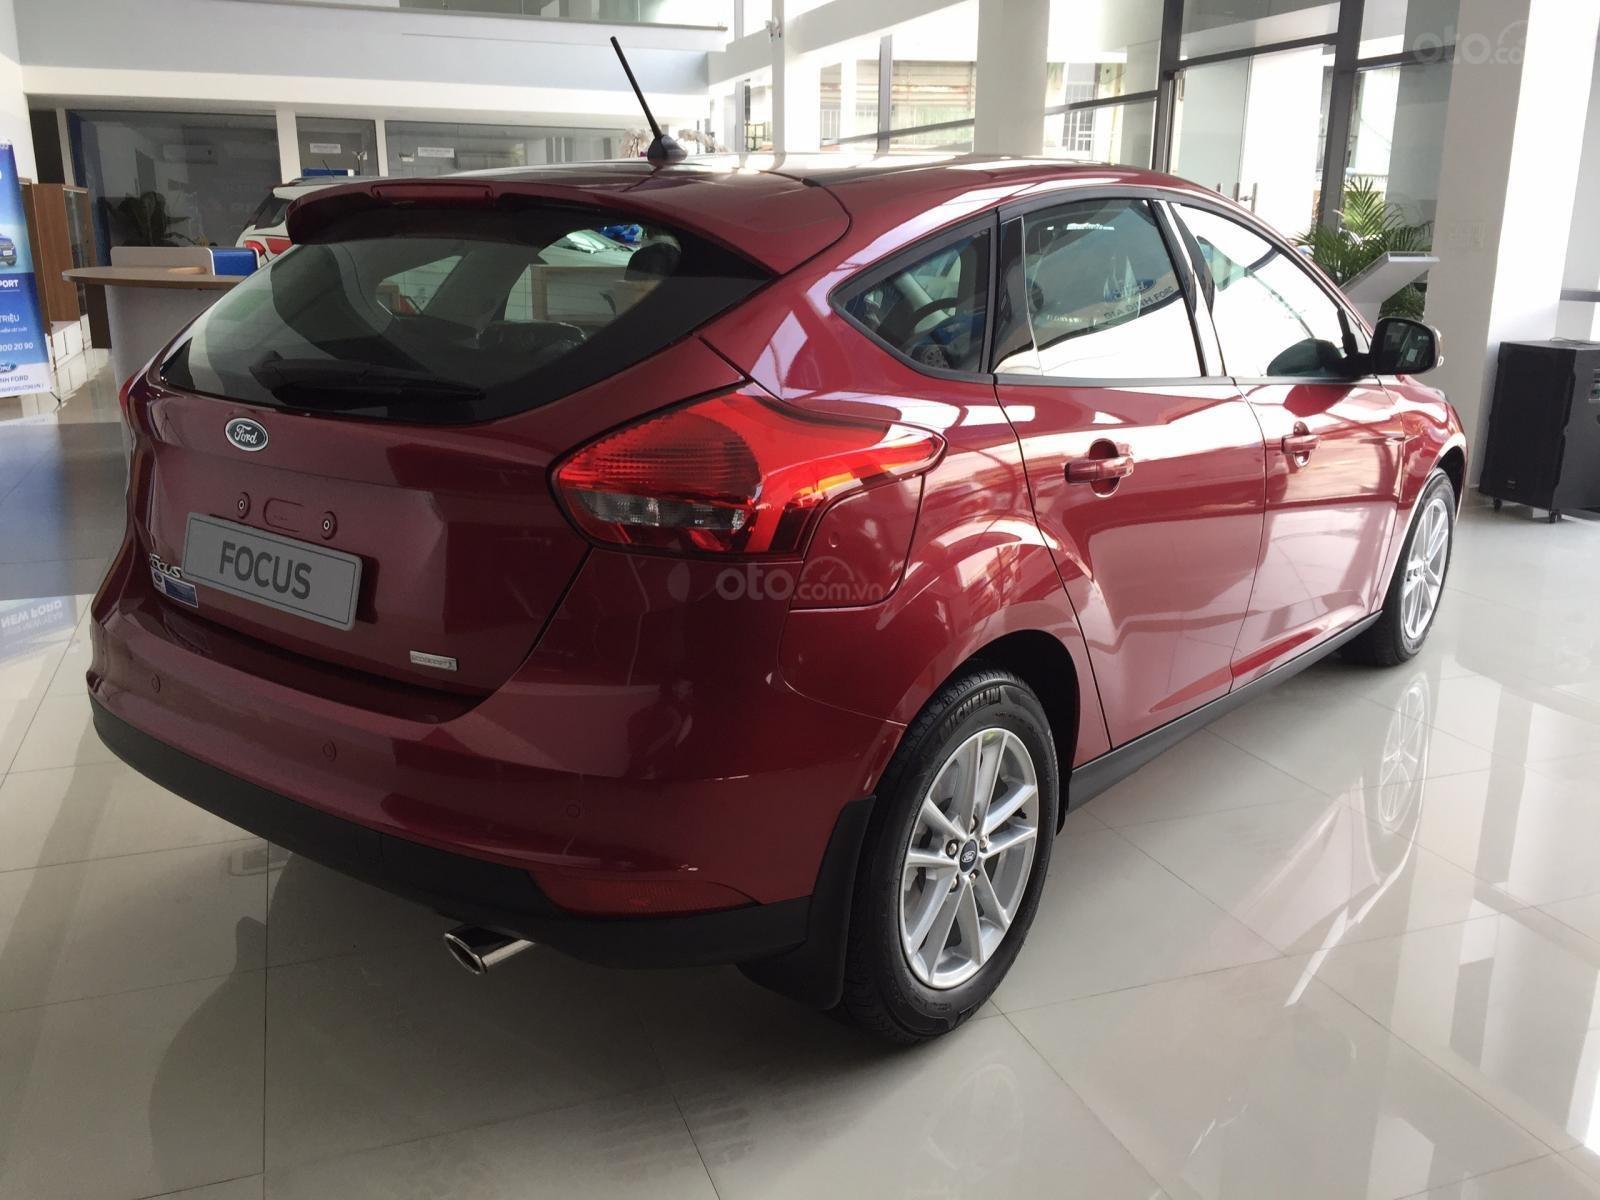 Bán xe Ford Focus năm sản xuất 2019, màu bạc, nhập khẩu, giá 199tr-10